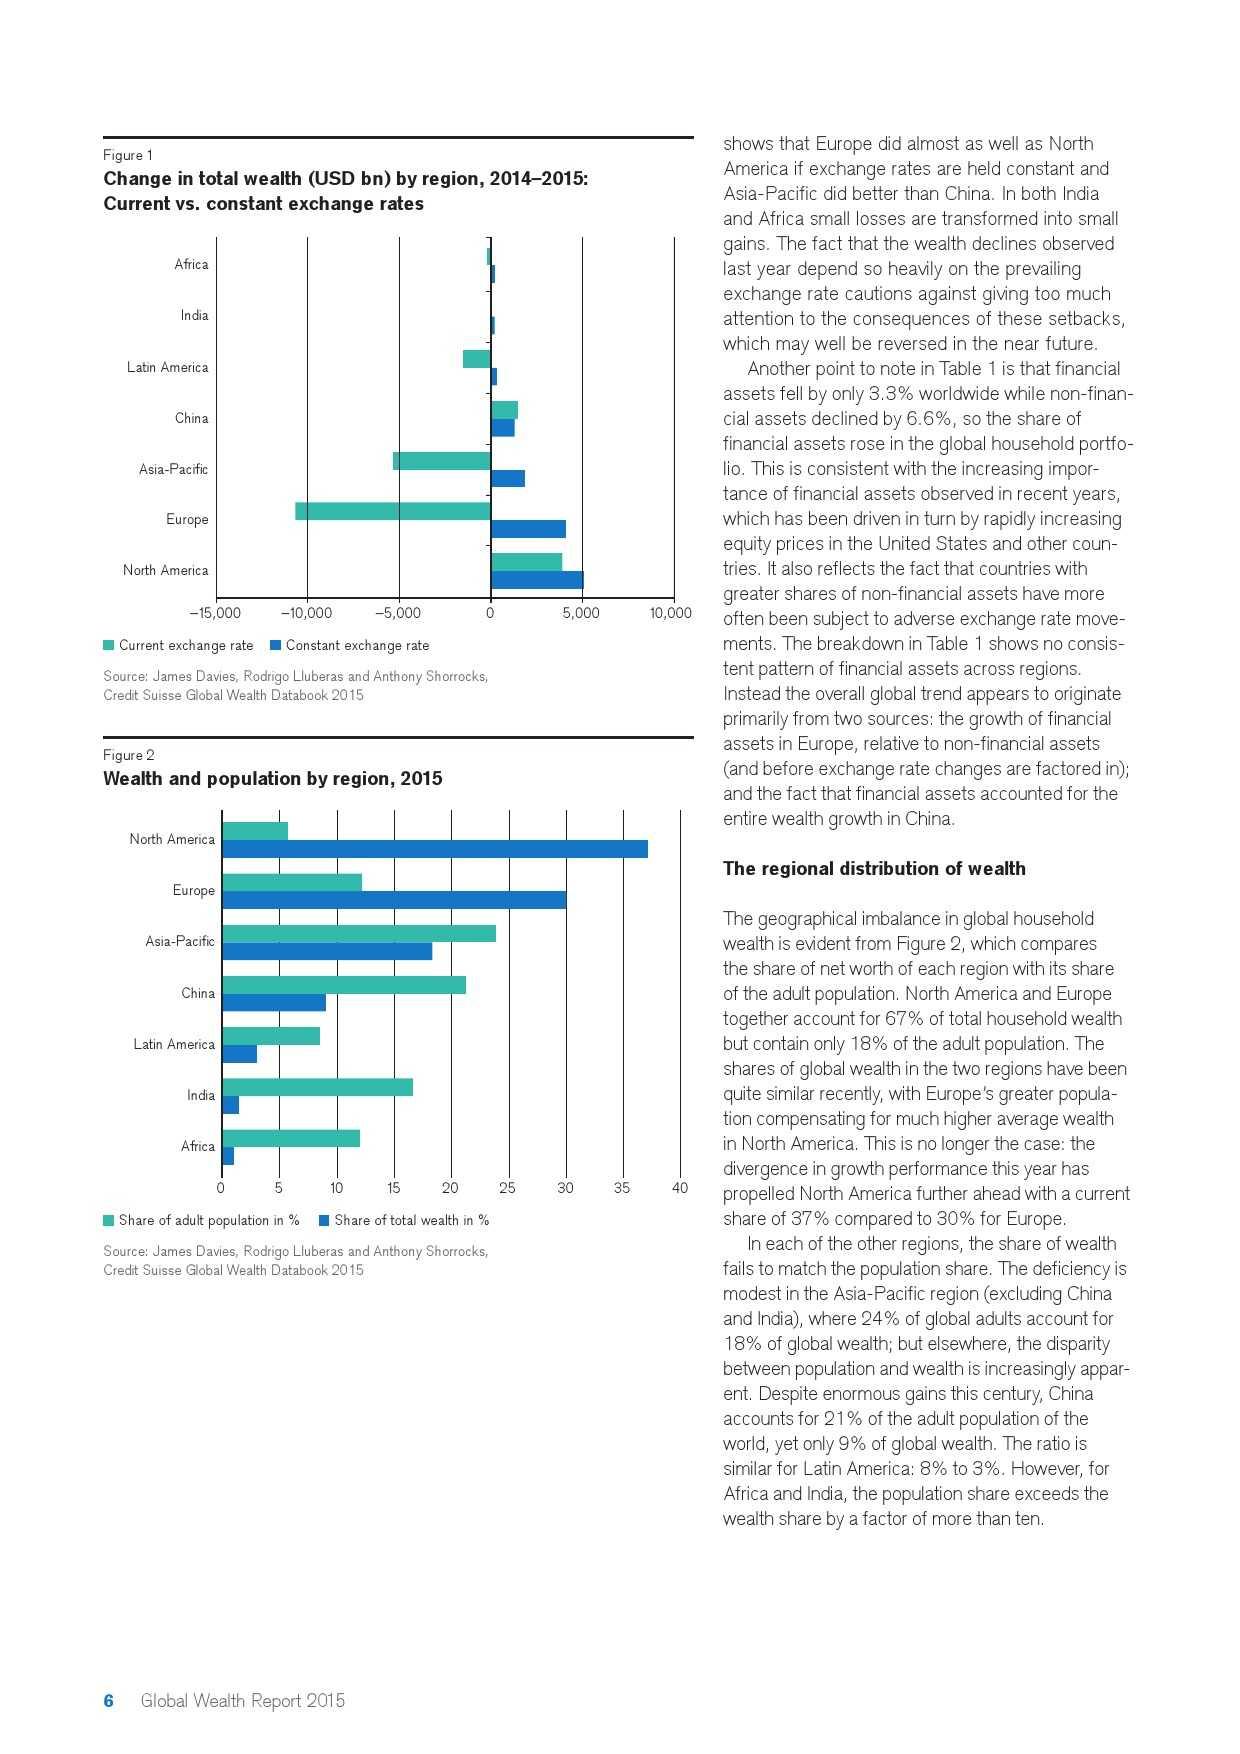 瑞士信贷:2015年全球财富报告_000006